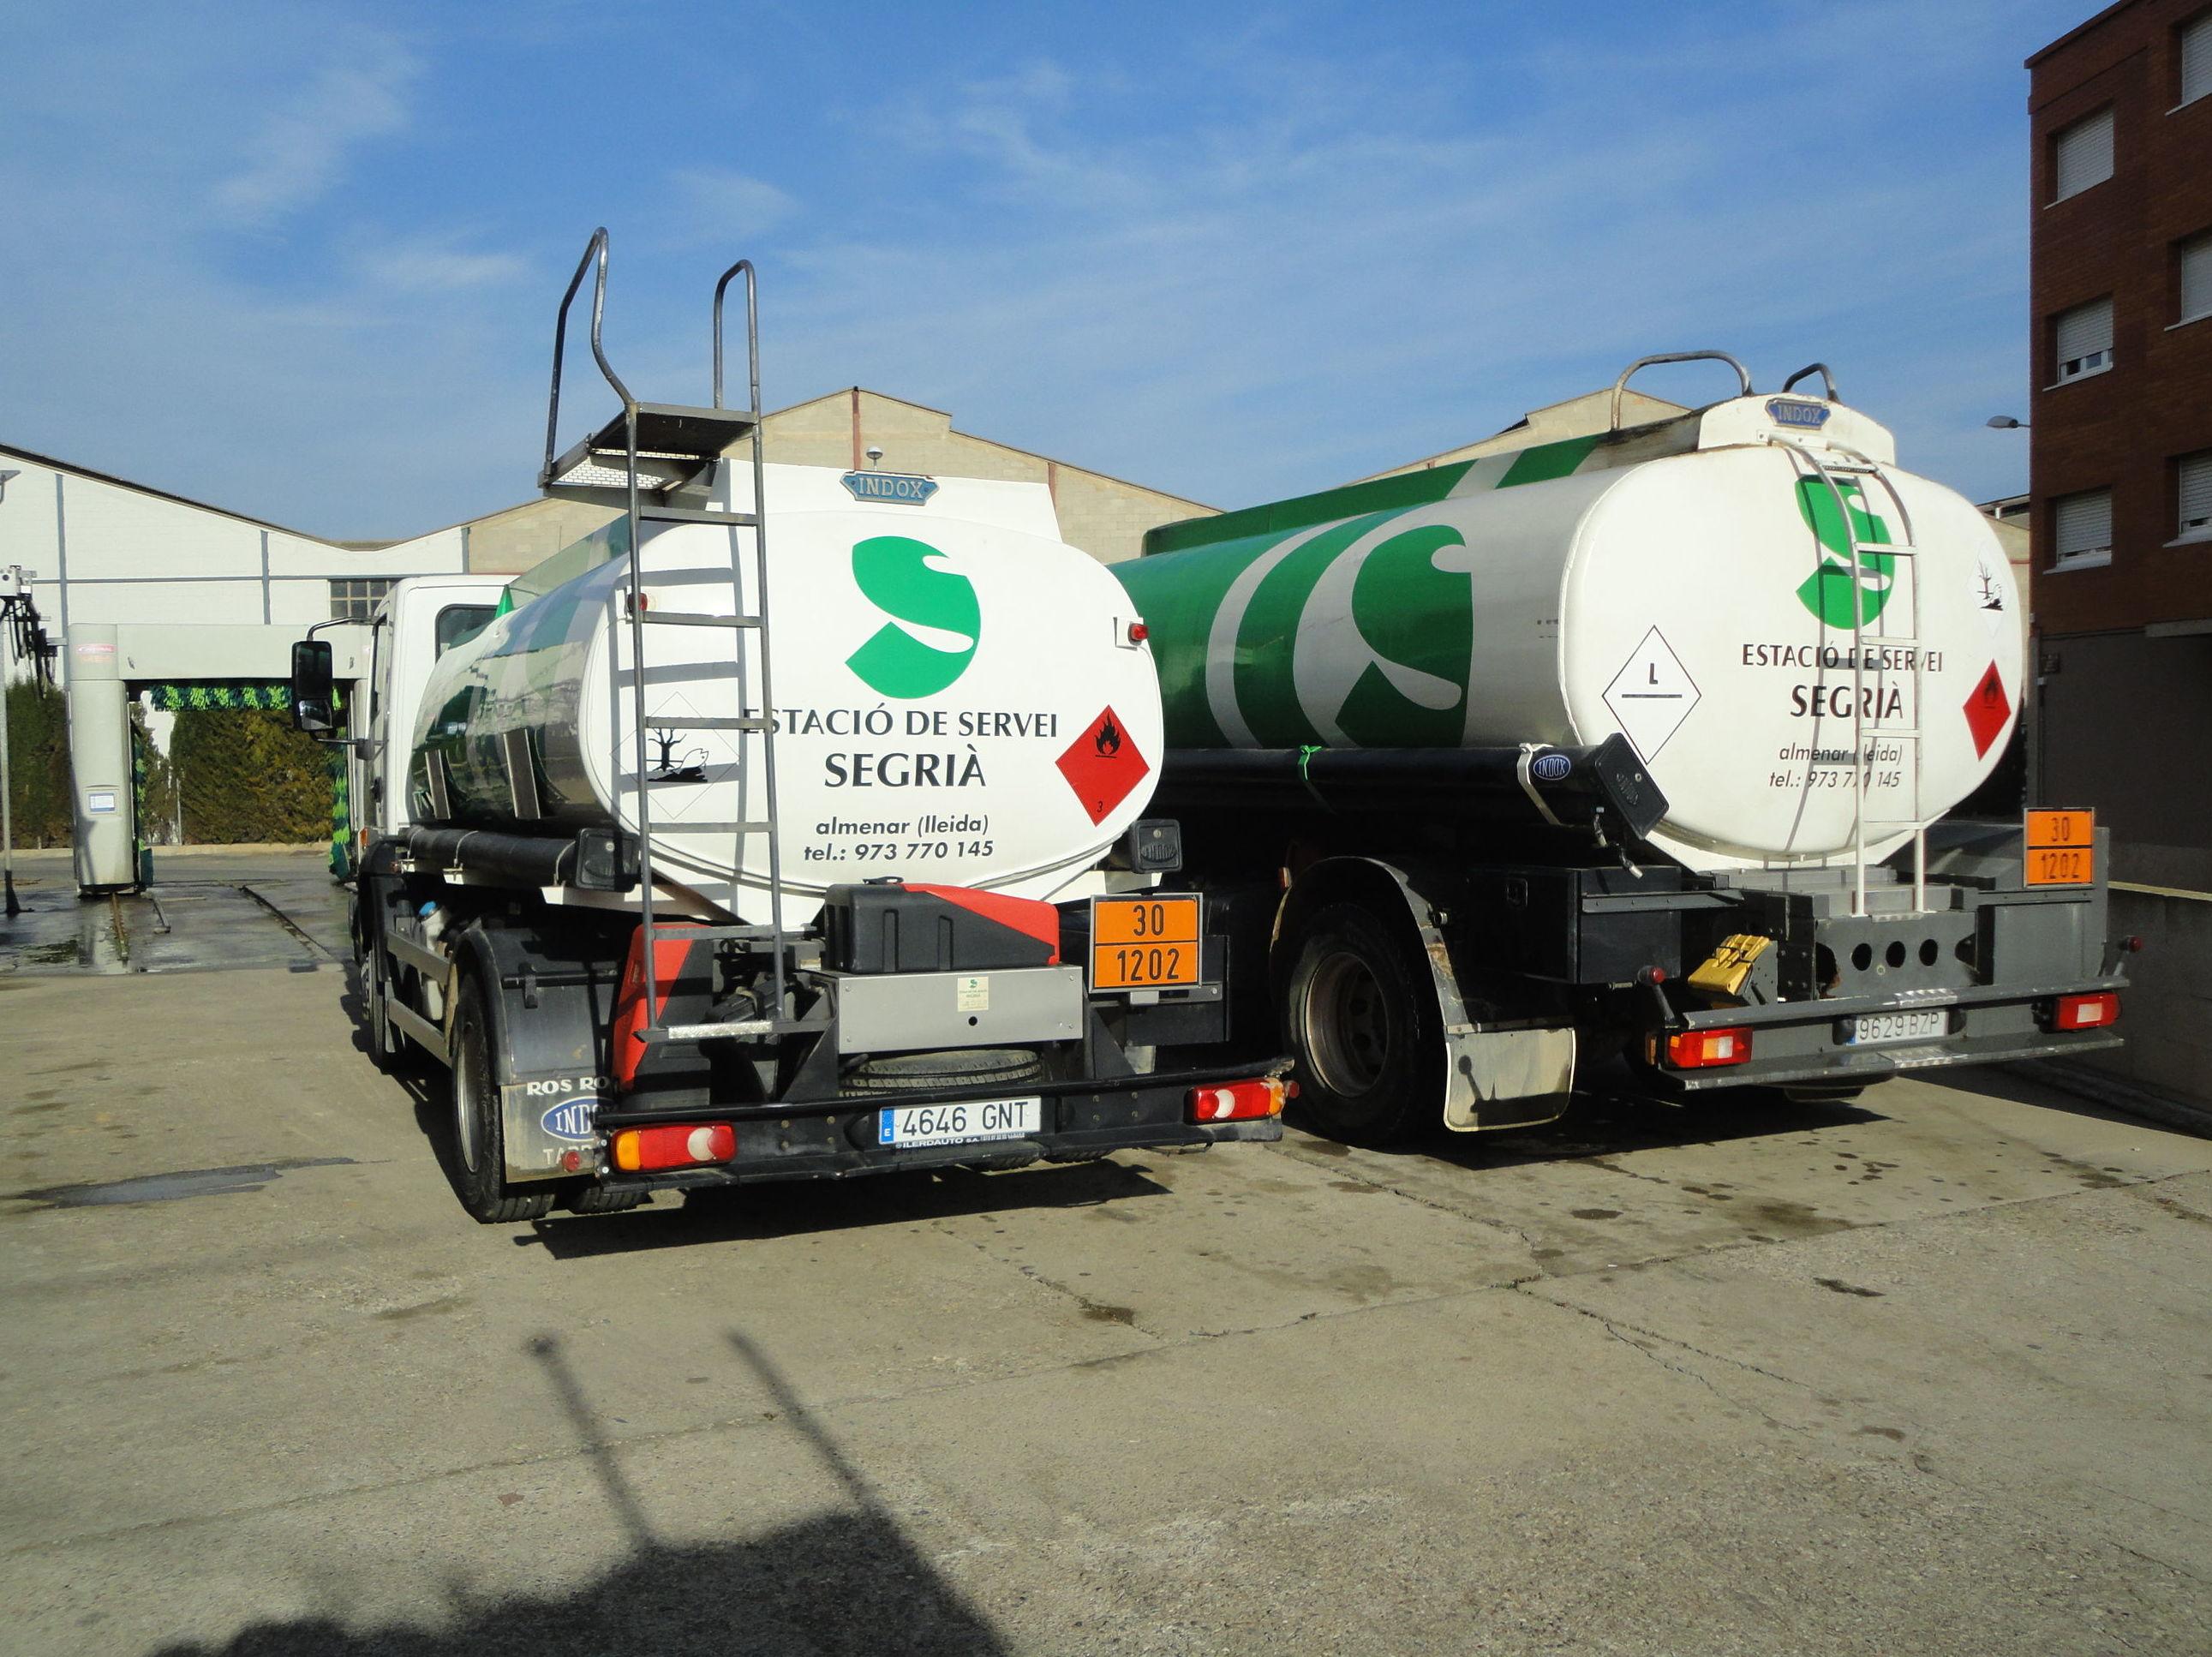 Foto 2 de Gasóleo en  | Estació de Servei Segrià